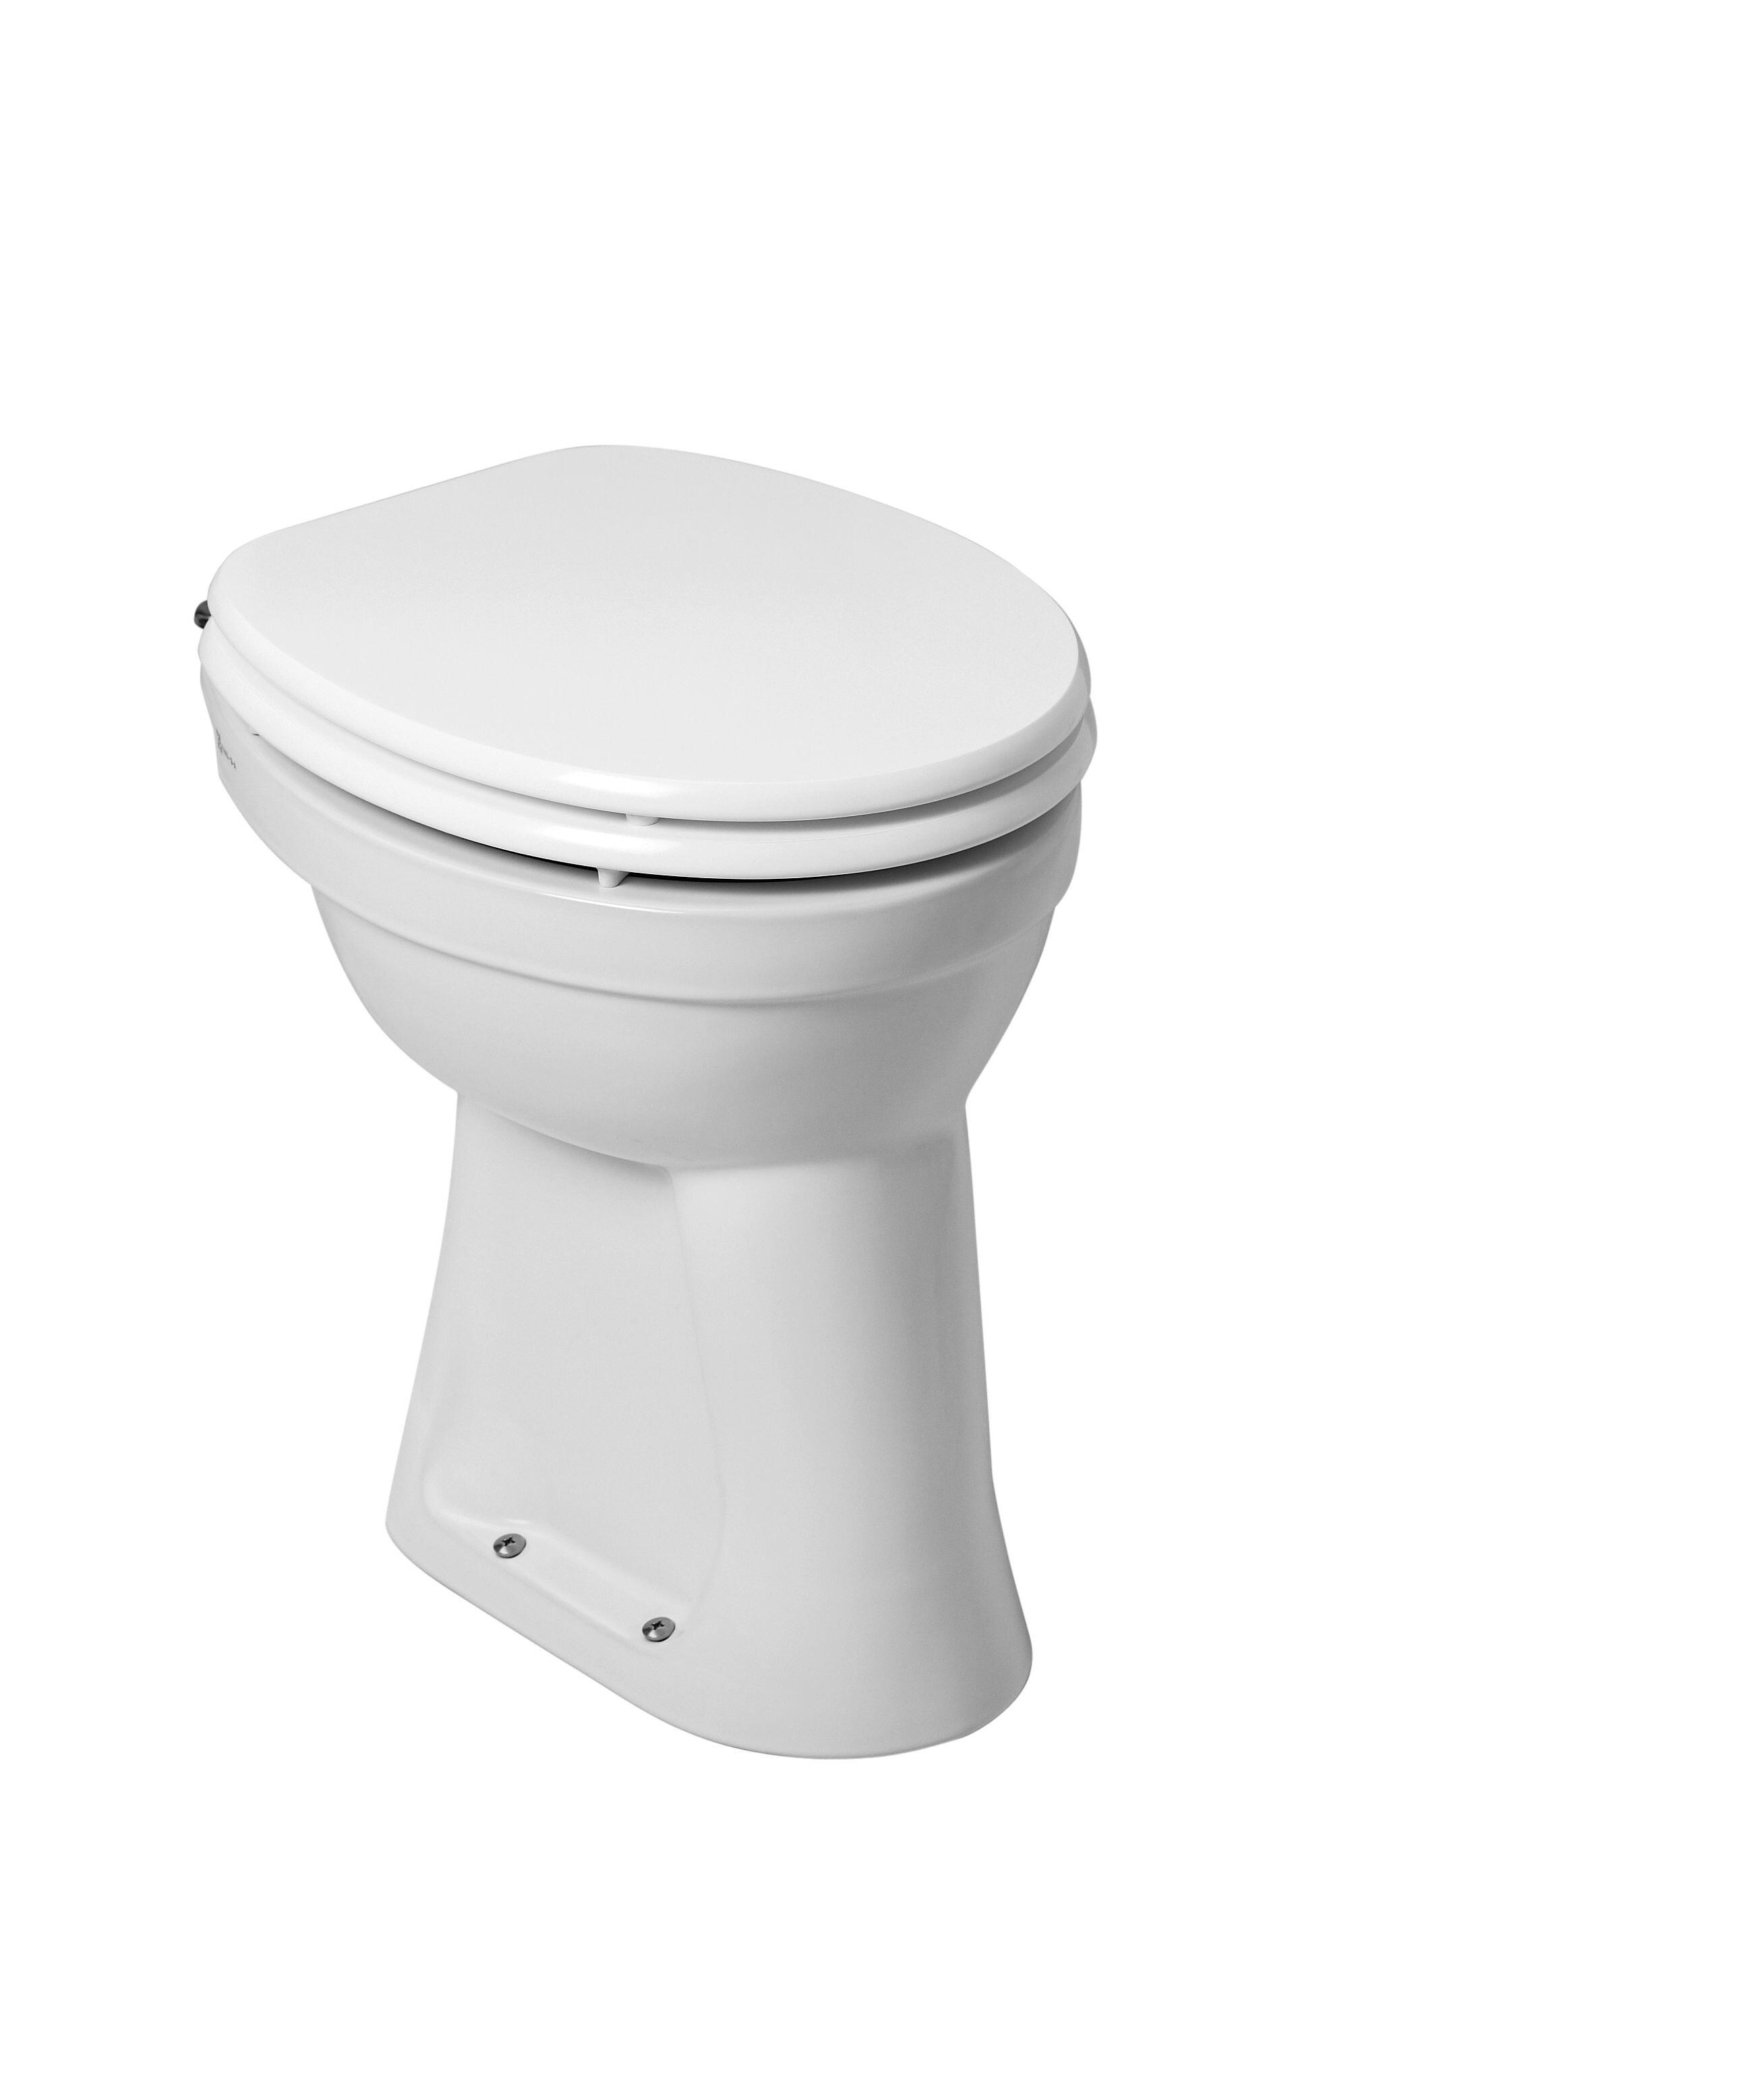 Verhoogde Wc Pot.Mueller Staande Verhoogde Toiletpot 6 Ao Wit